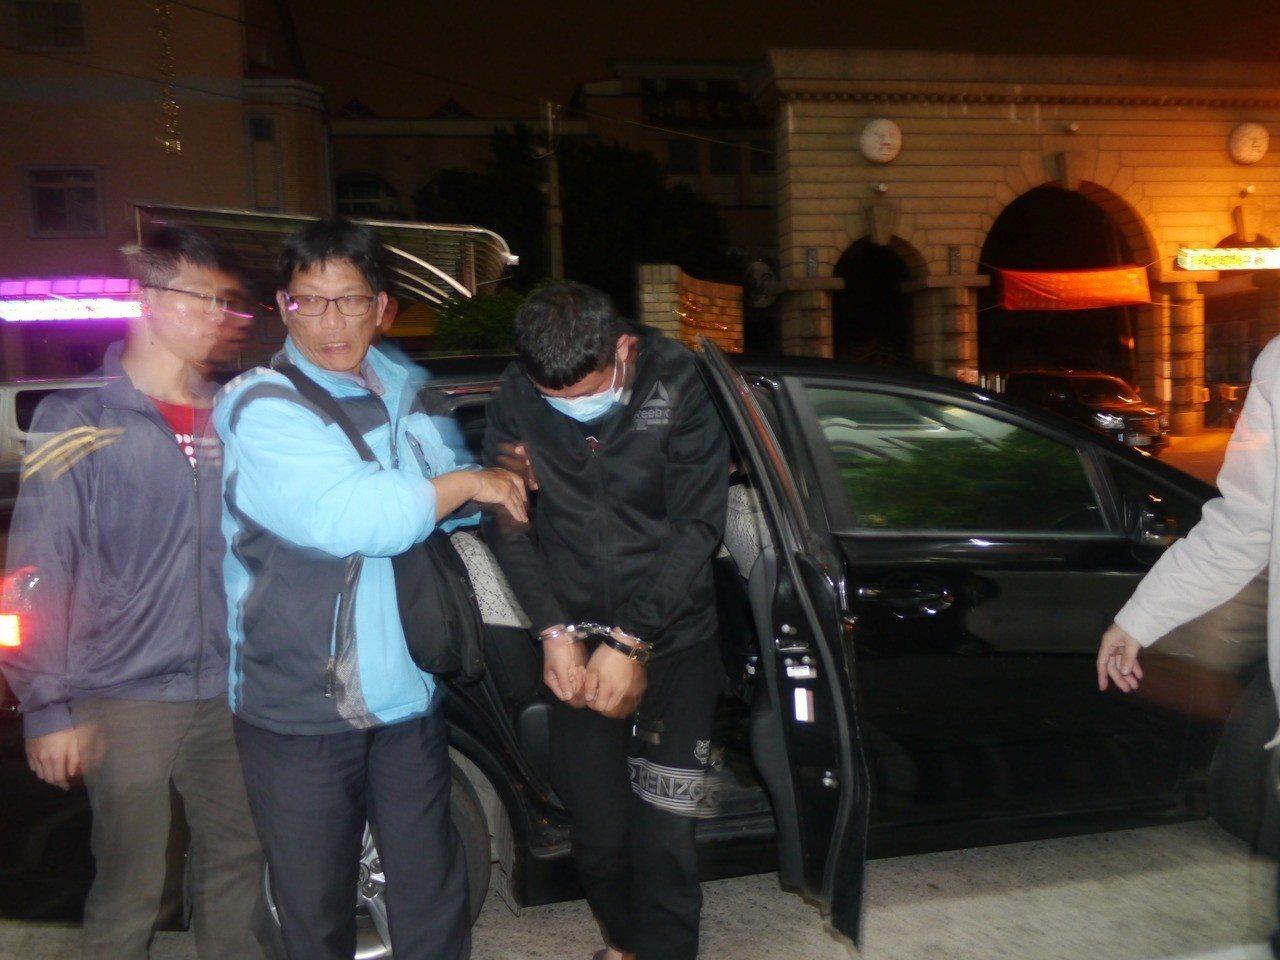 23 歲劉姓男子涉嫌在郵局前搶奪婦人提領的38萬元,今晚落網。記者徐白櫻/攝影